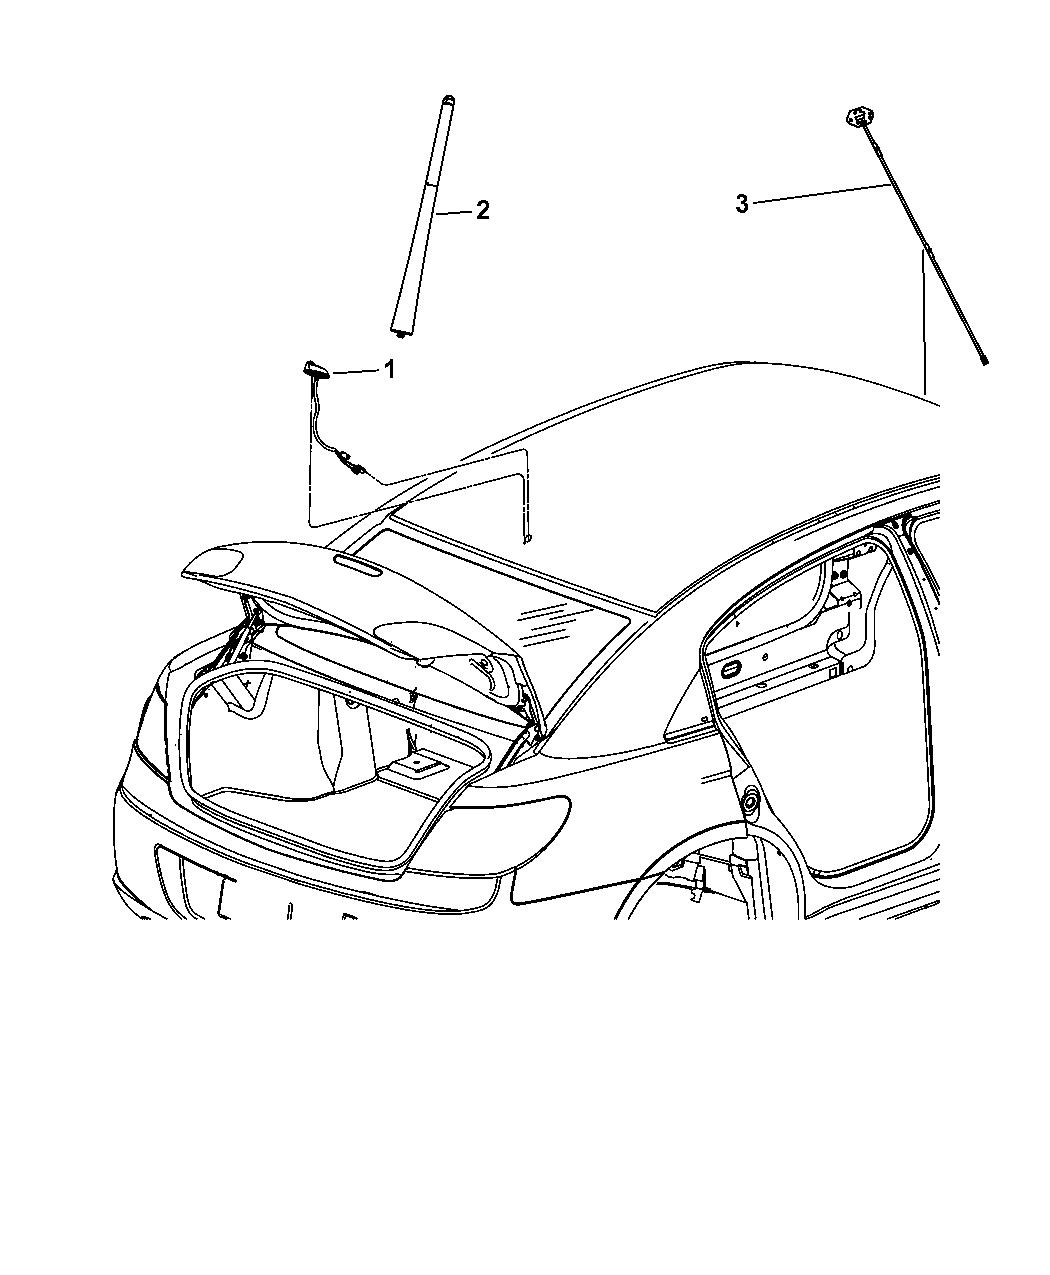 2010 Chrysler Sebring Antenna